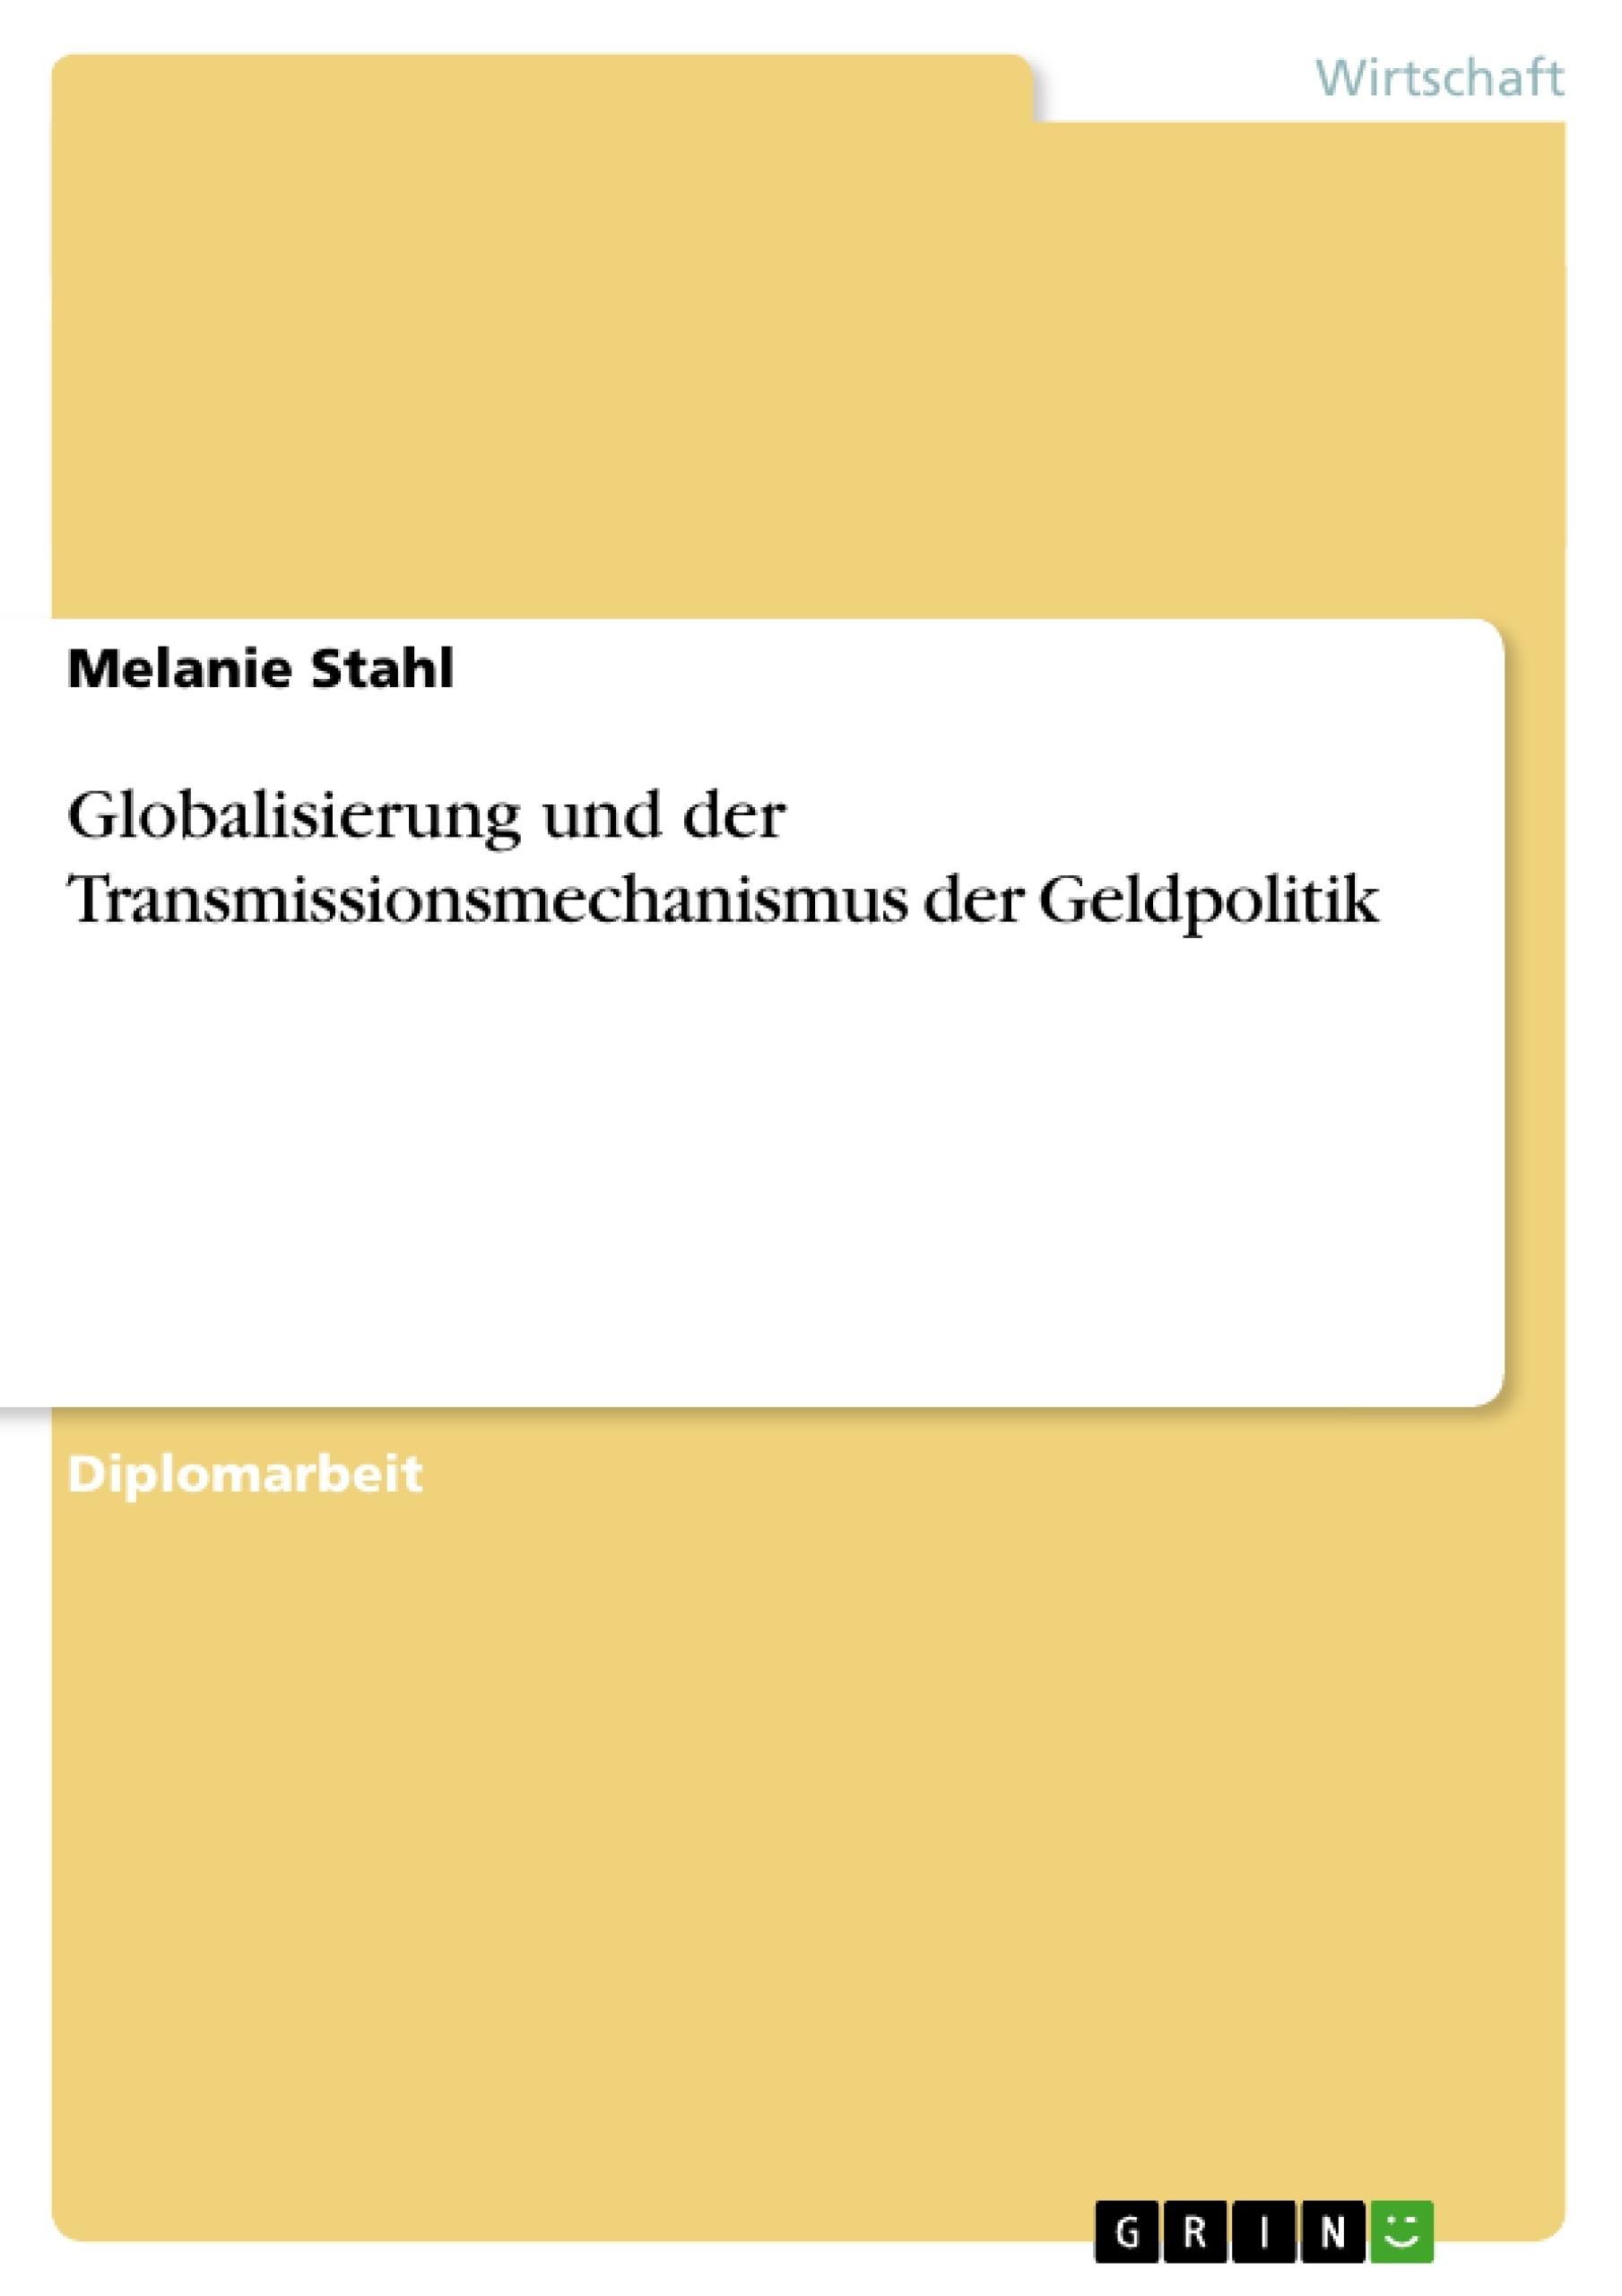 Titel: Globalisierung und der Transmissionsmechanismus der Geldpolitik